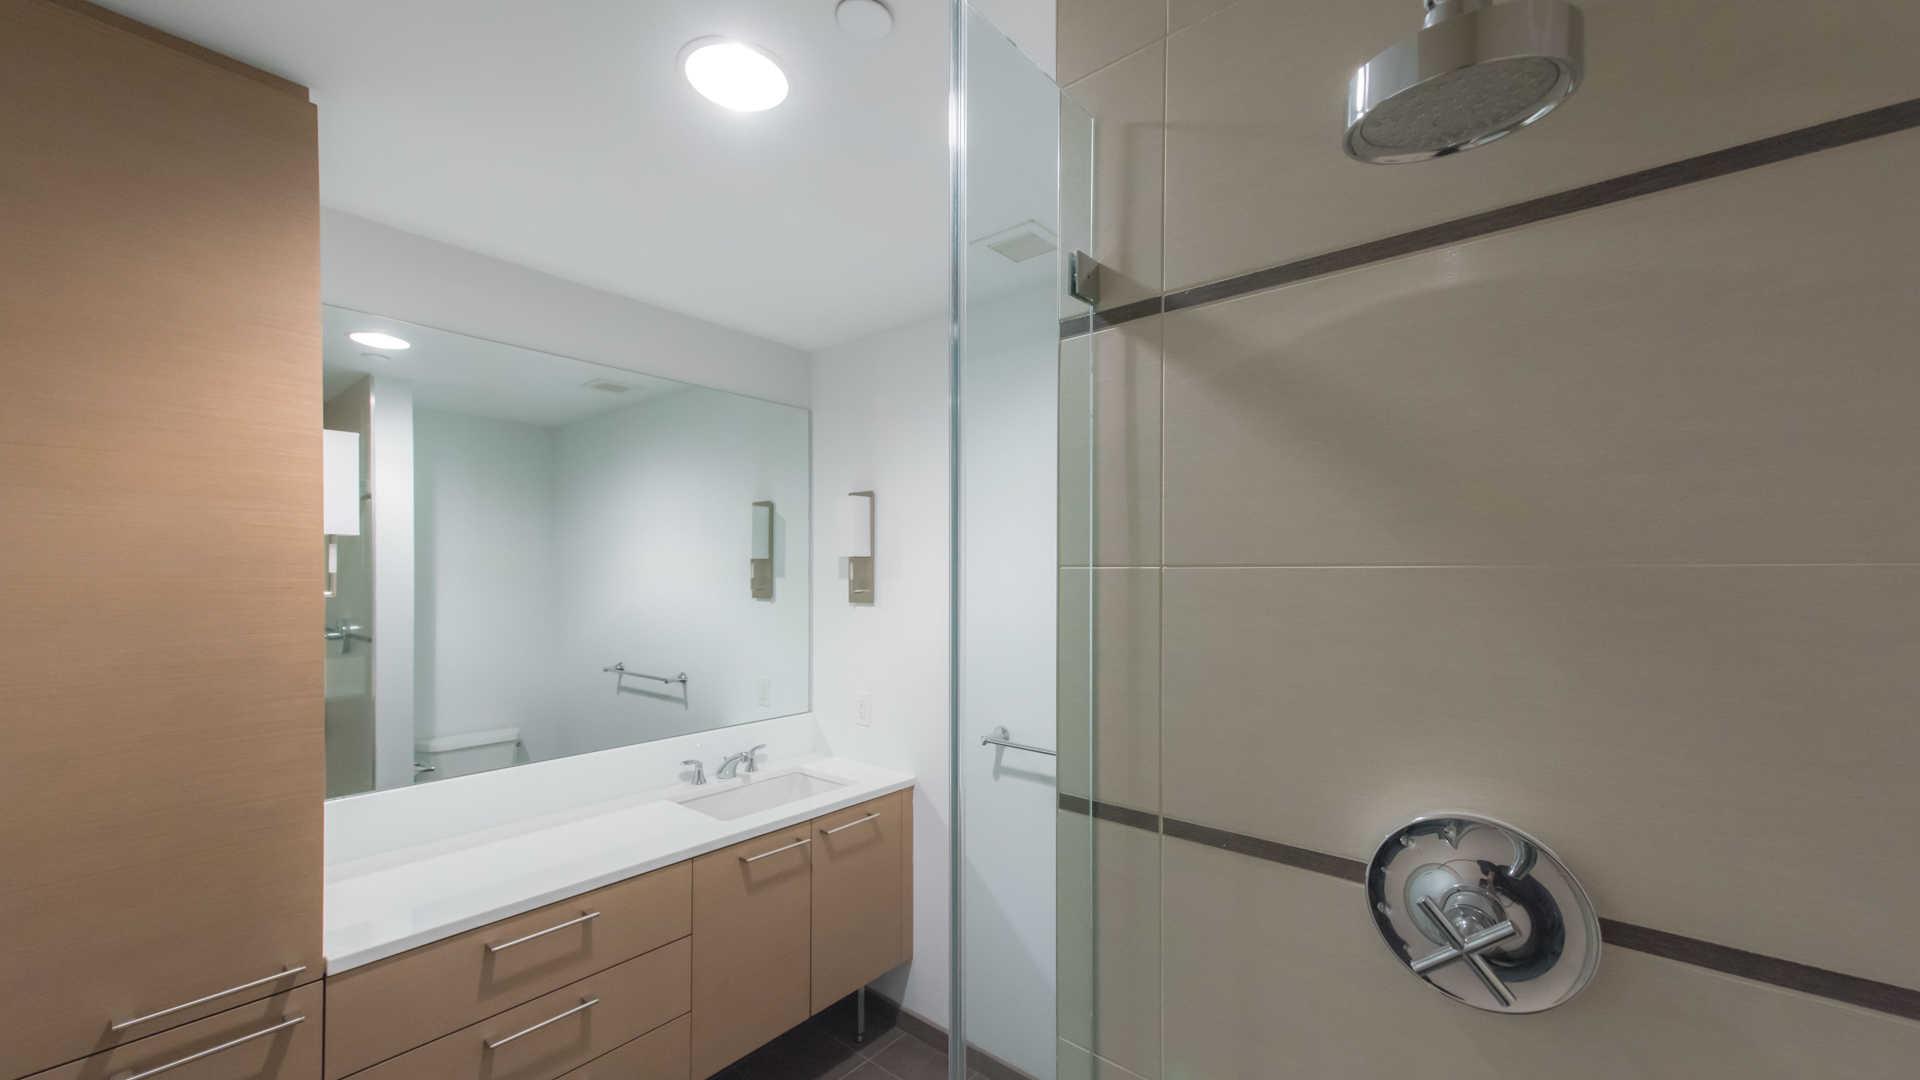 Third square apartments bathroom